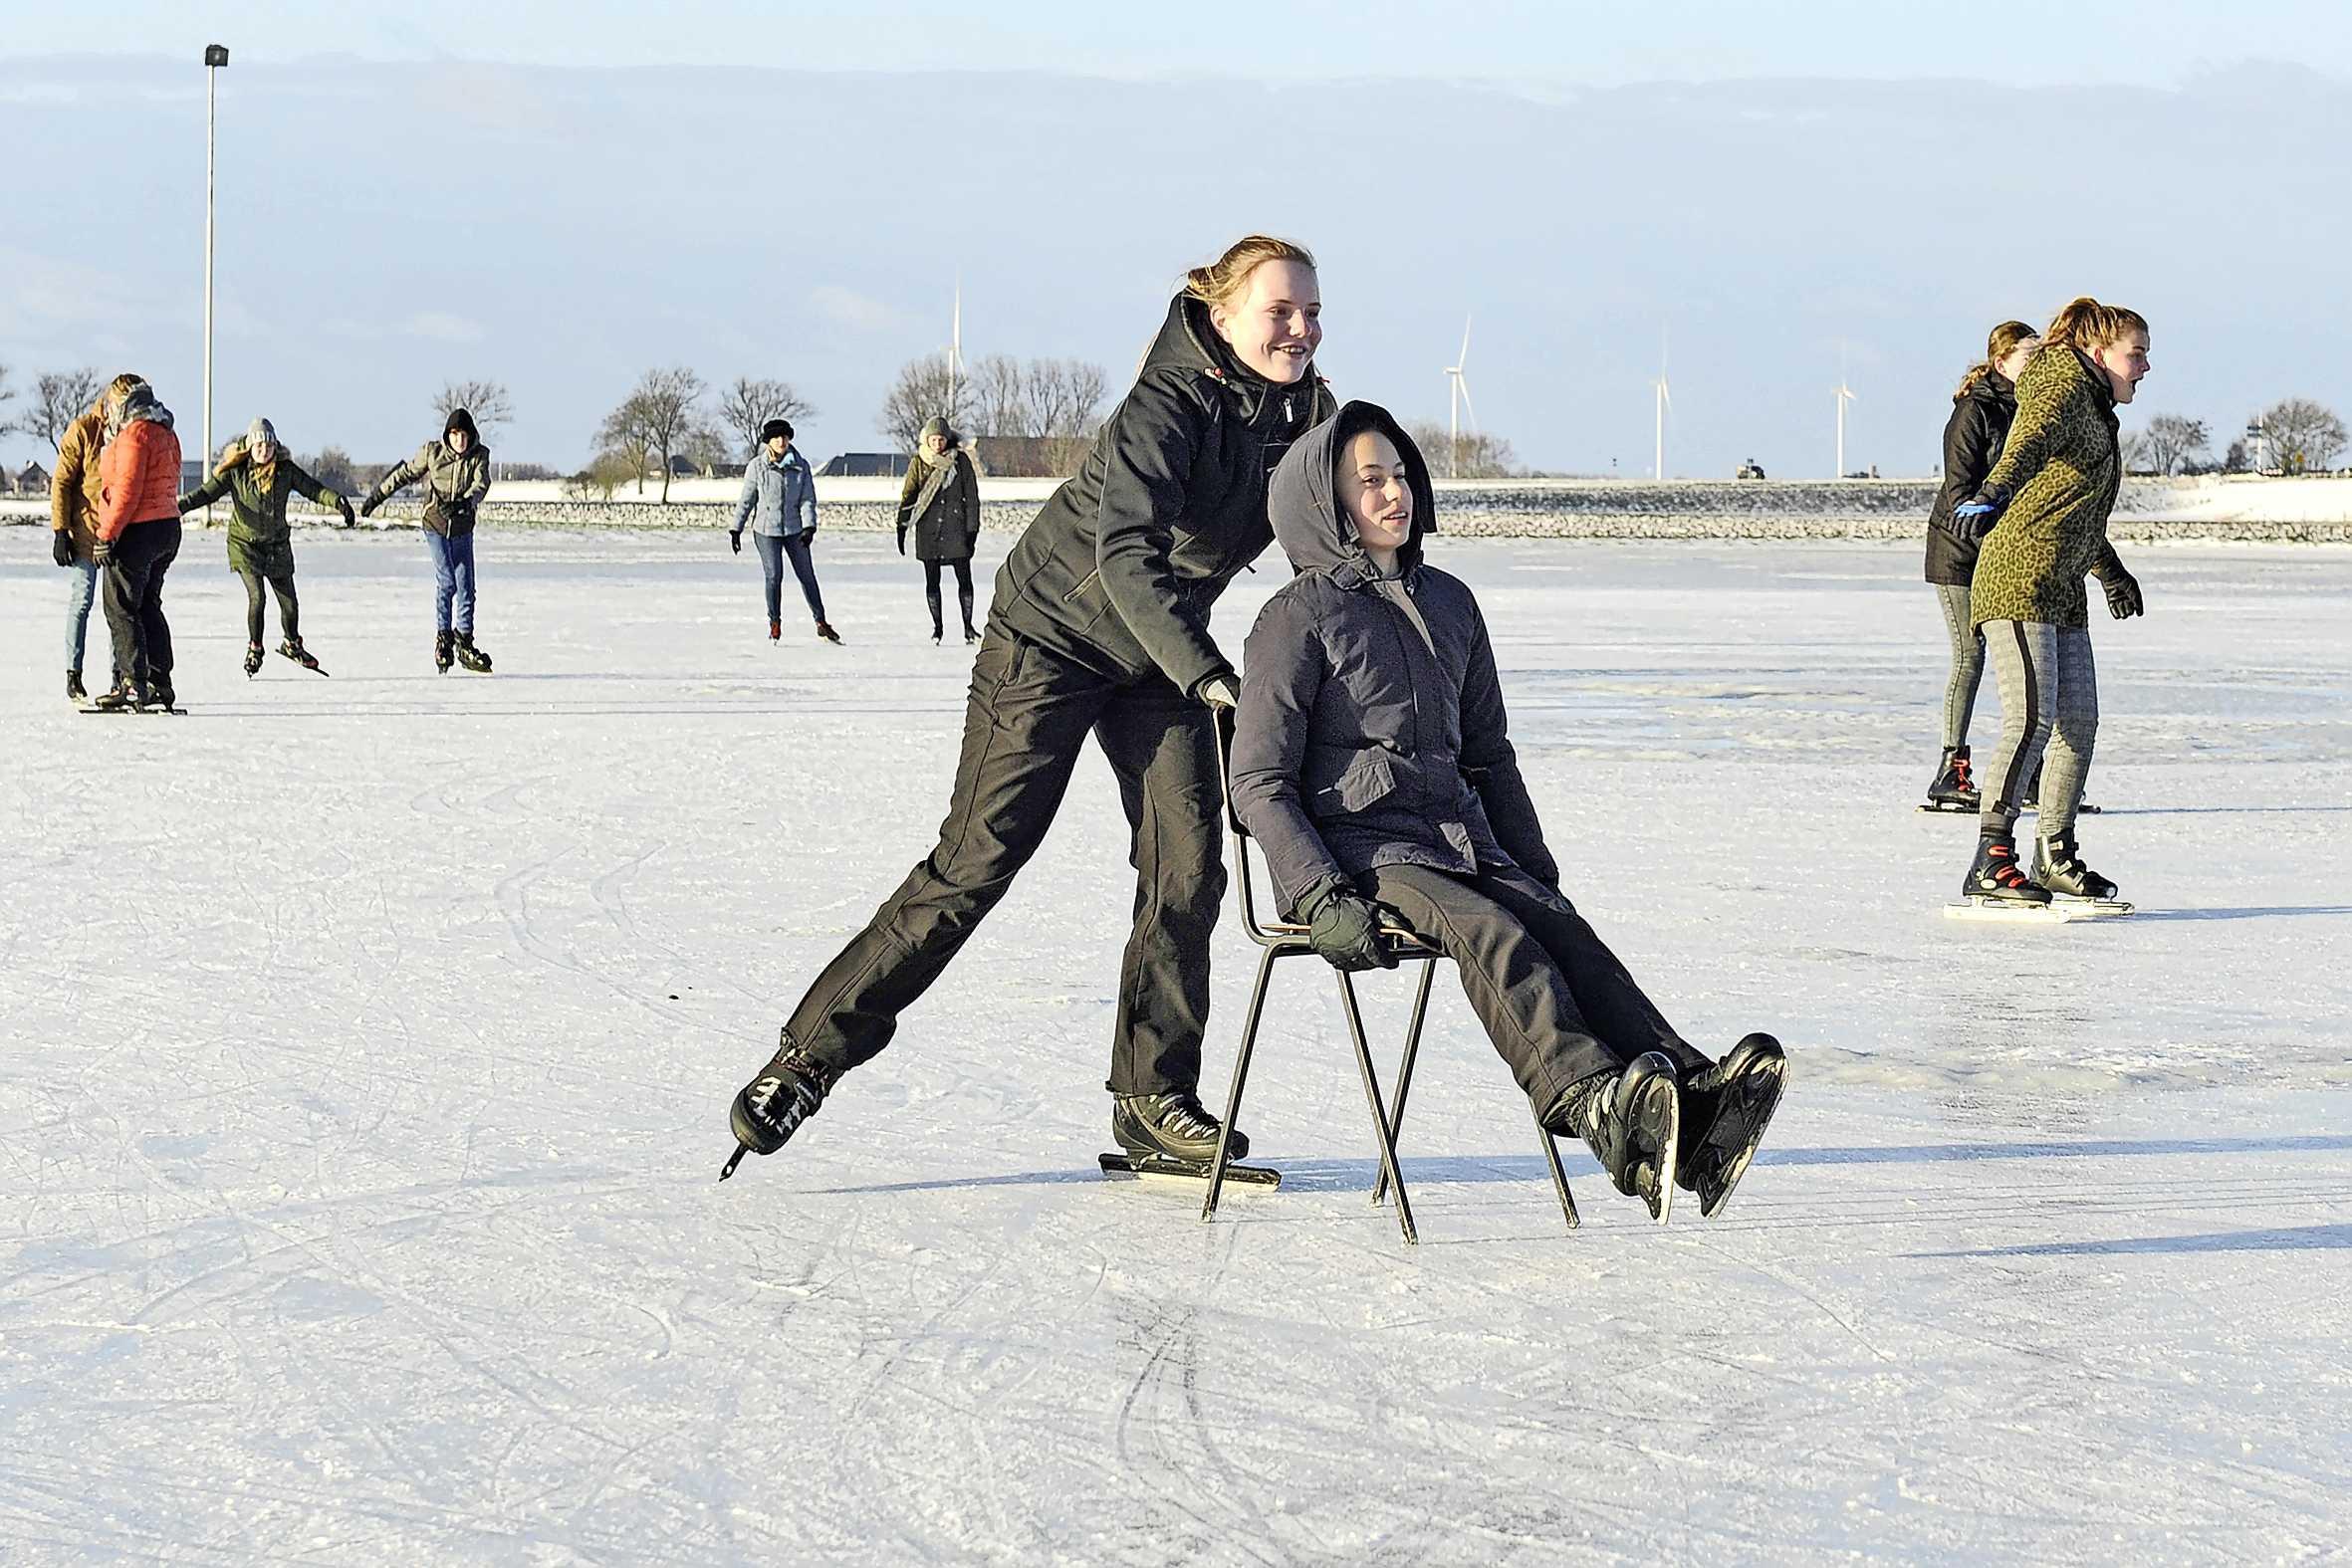 Jong en oud kan genieten op de ijsbaan van Winkel. Als het lidmaatschapsgeld maar betaald is aan de plaatselijke ijsclub